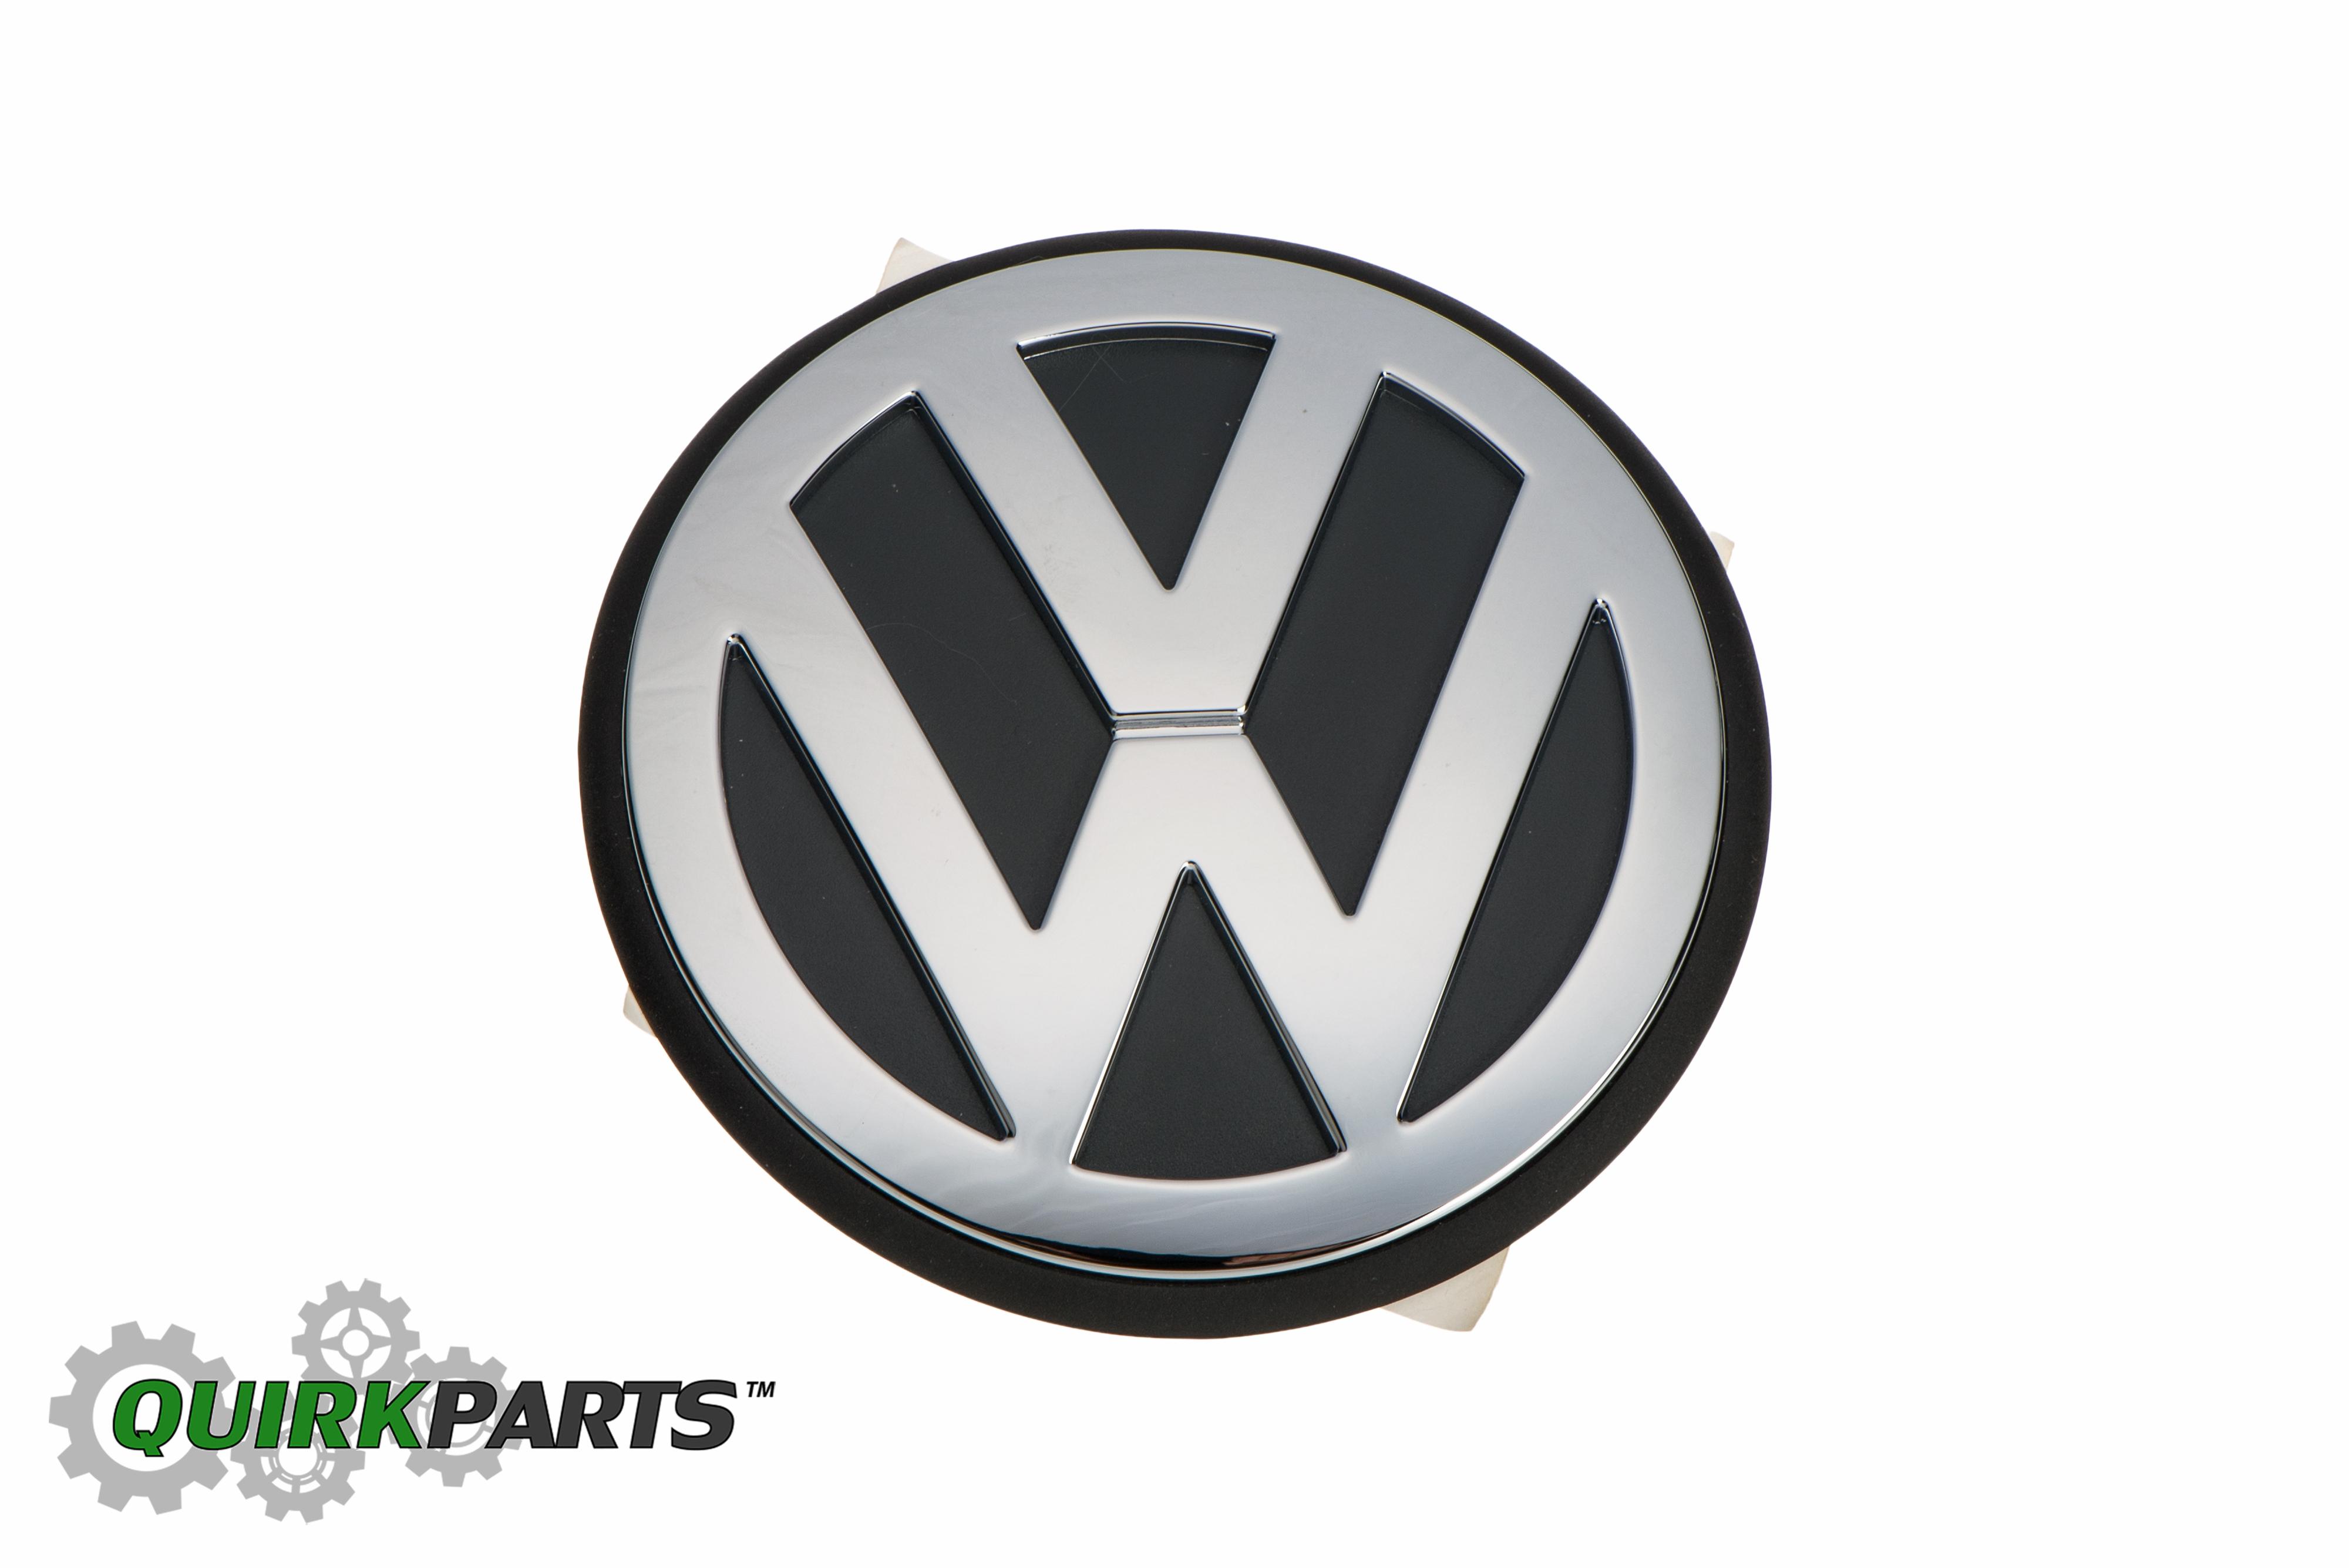 oem new vw volkswagen beetle 1 9l front hood emblem decal chrome 1998 1999 2000 ebay. Black Bedroom Furniture Sets. Home Design Ideas